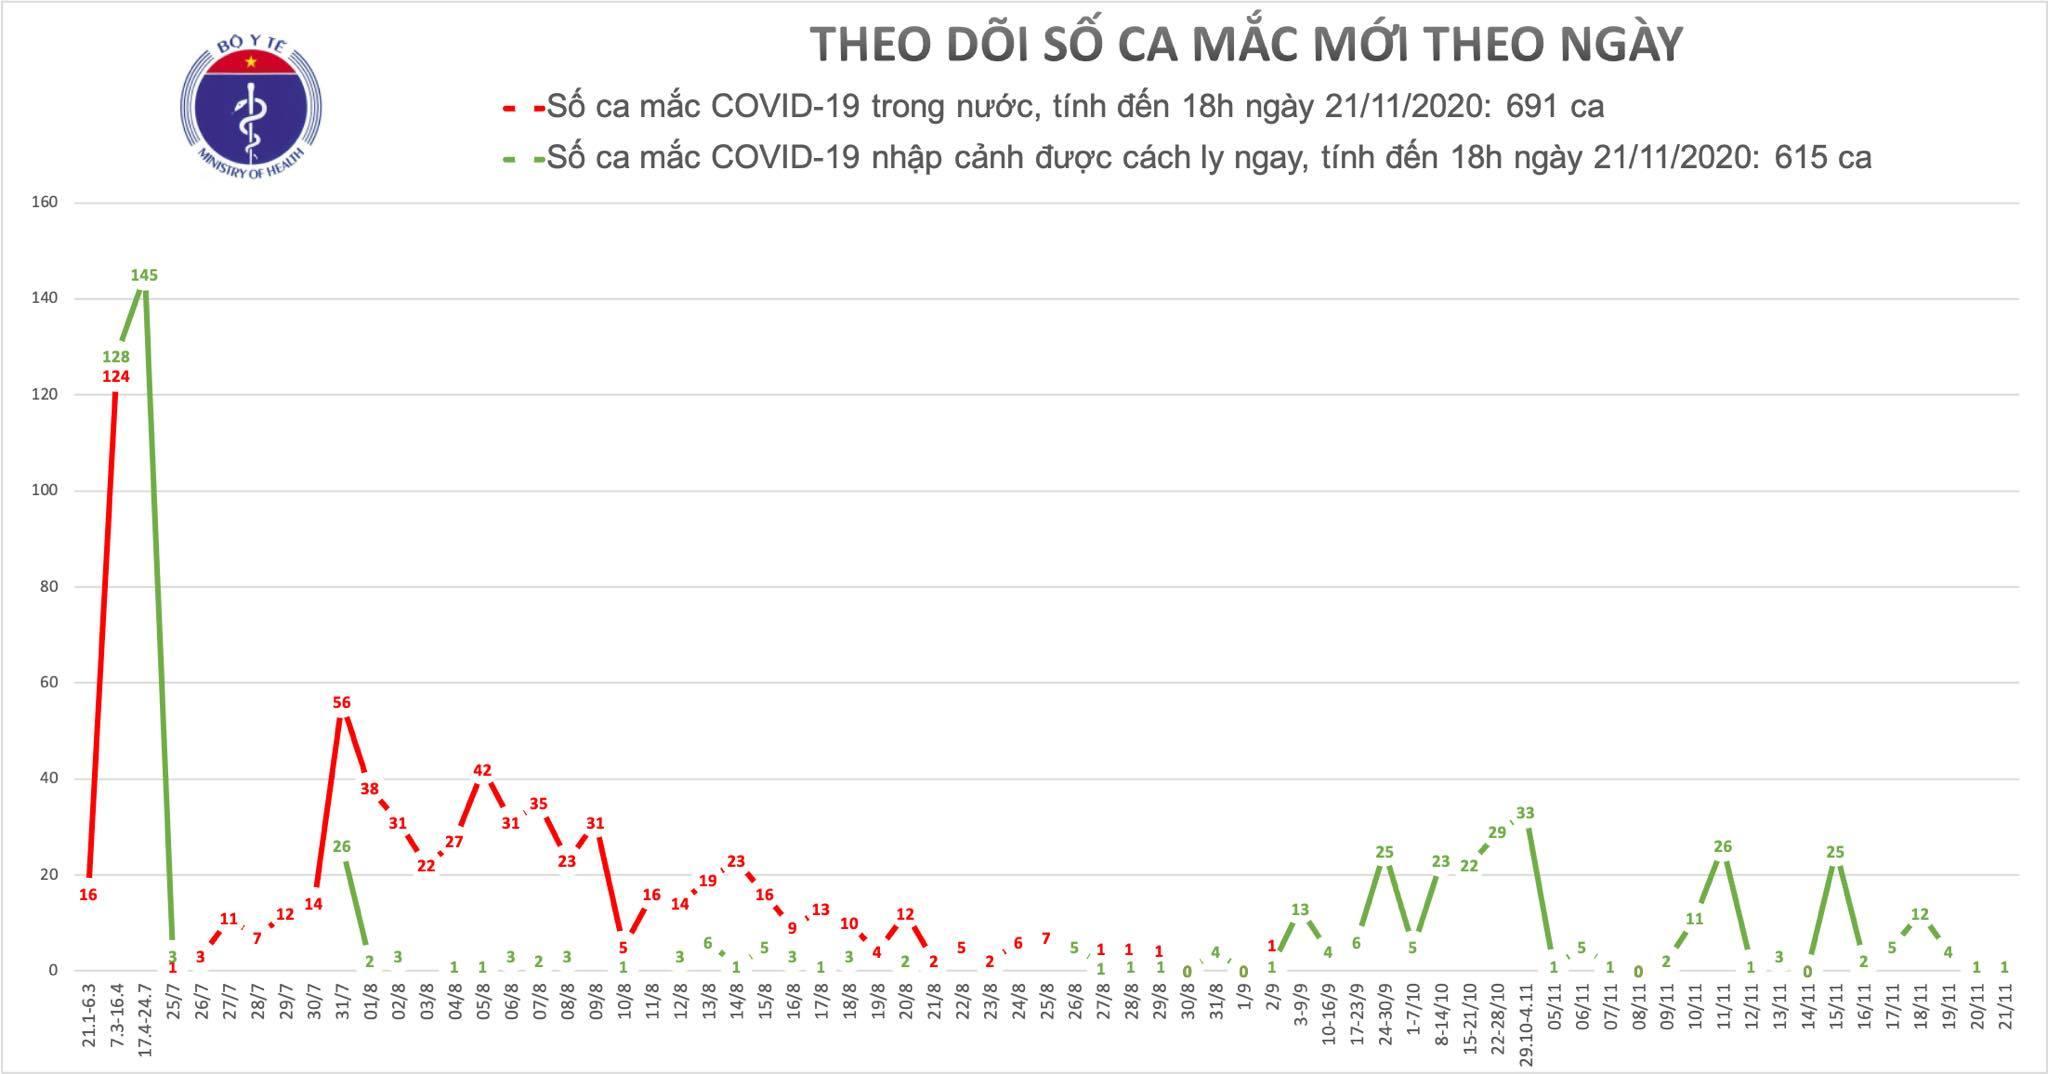 Thêm 1 ca Covid-19, cả nước có 1306 ca mắc